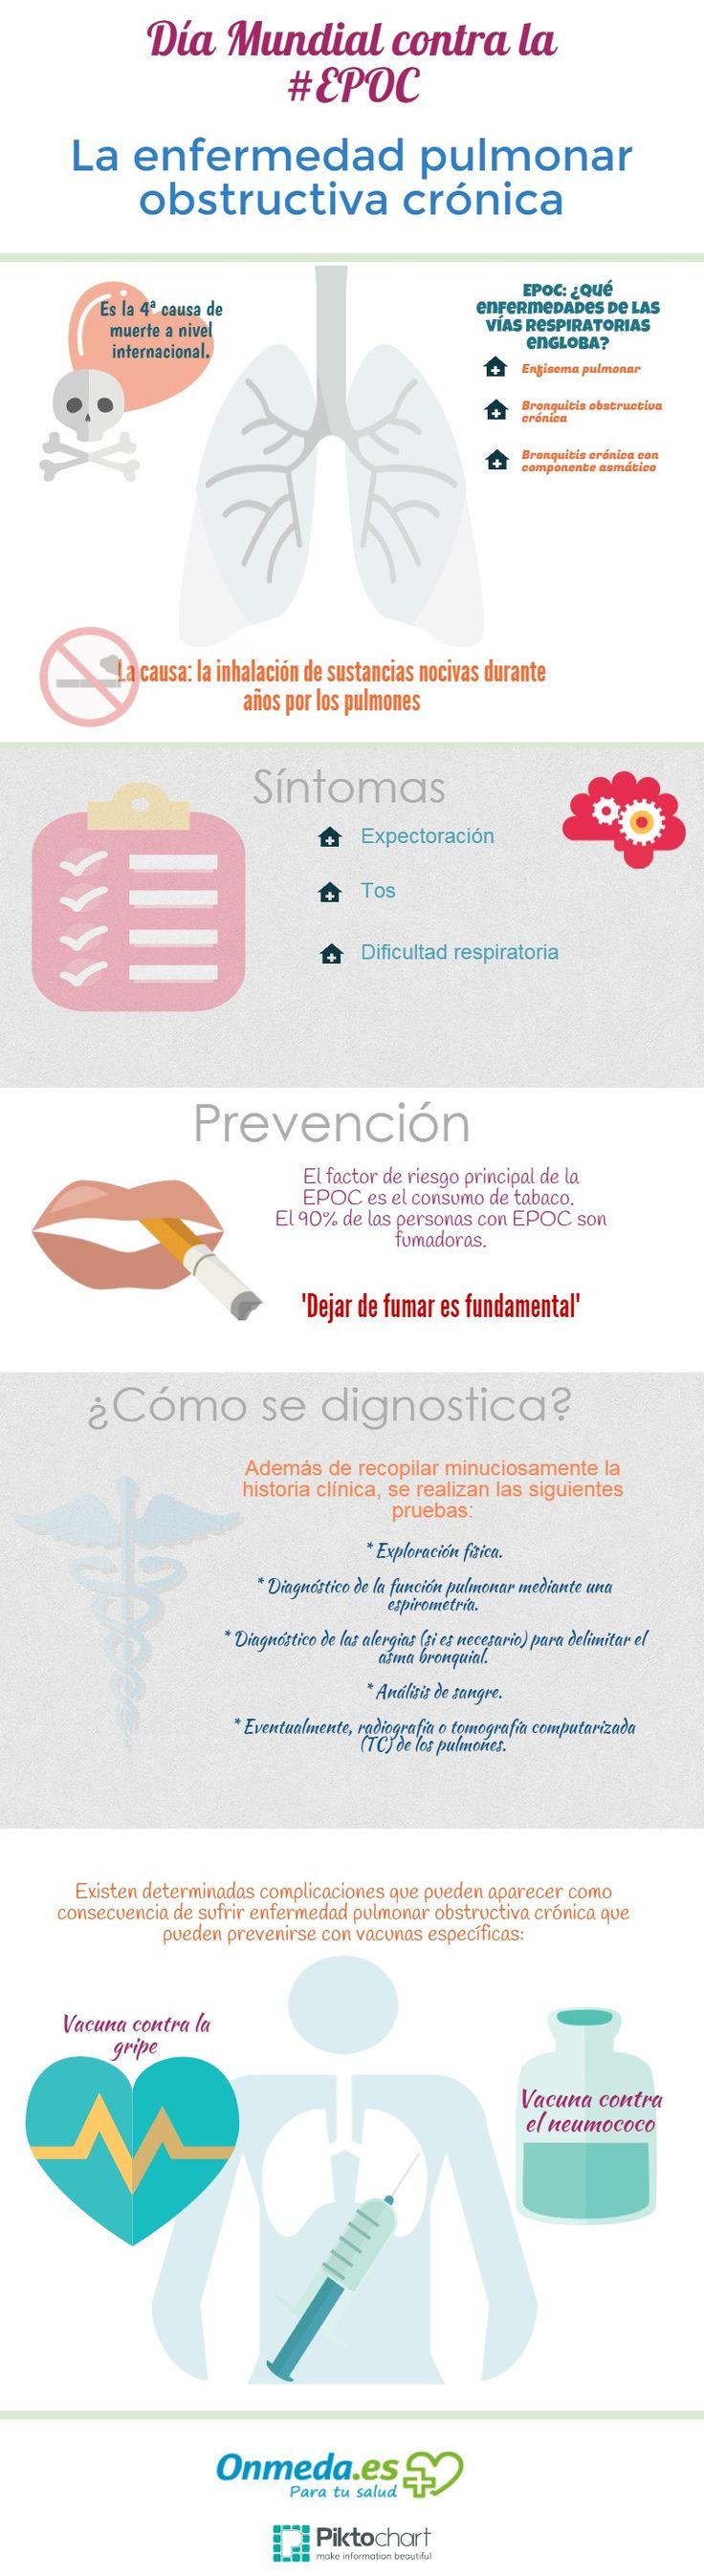 Les 25 meilleures idées de la catégorie Enfermedad pulmonar obstructiva cronica sur Pinterest ...